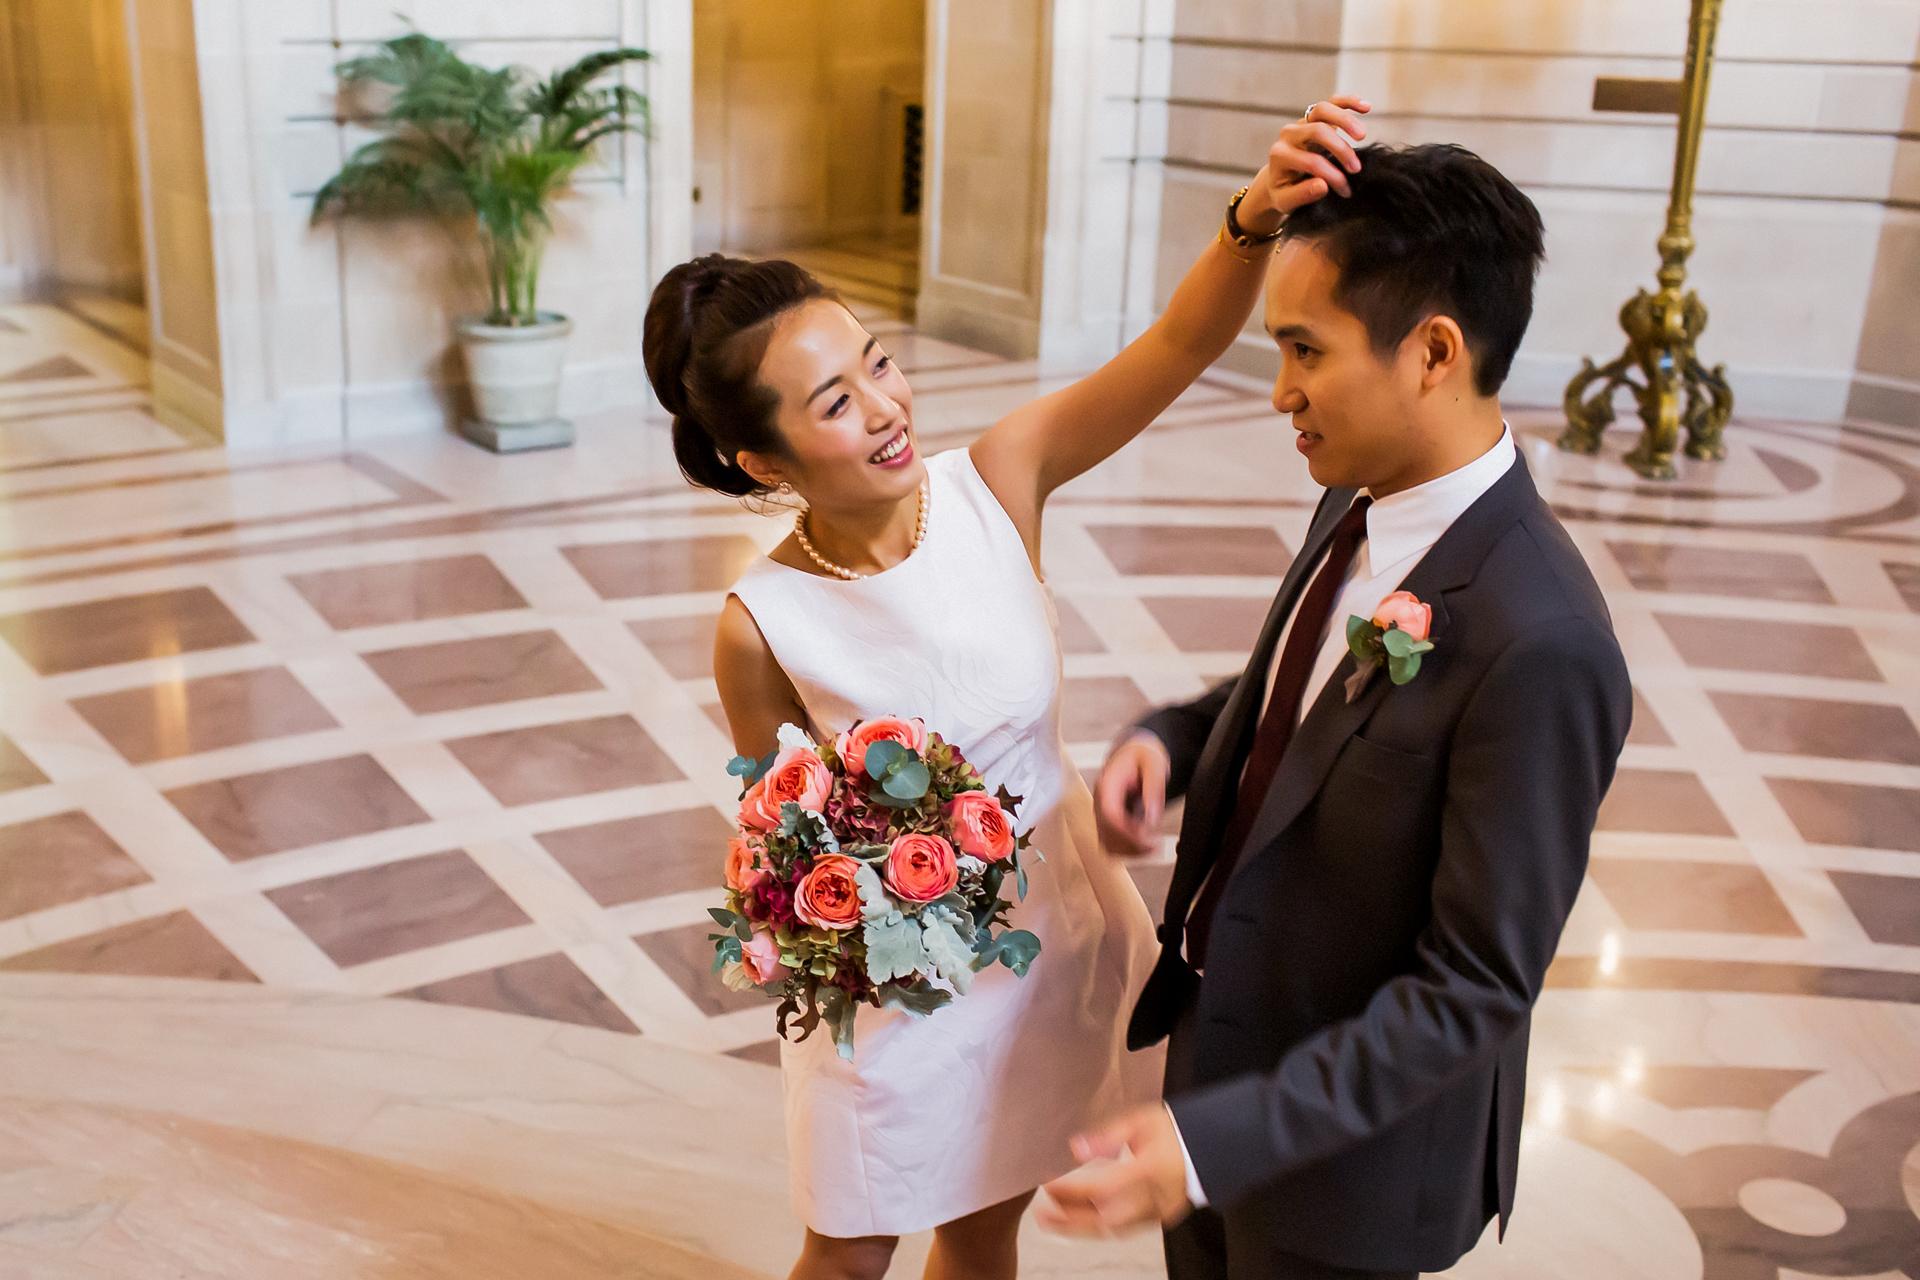 Elopement civil de la boda en el ayuntamiento de San Francisco   La dulce novia se aseguró de que su novio se viera perfecto en esta foto.